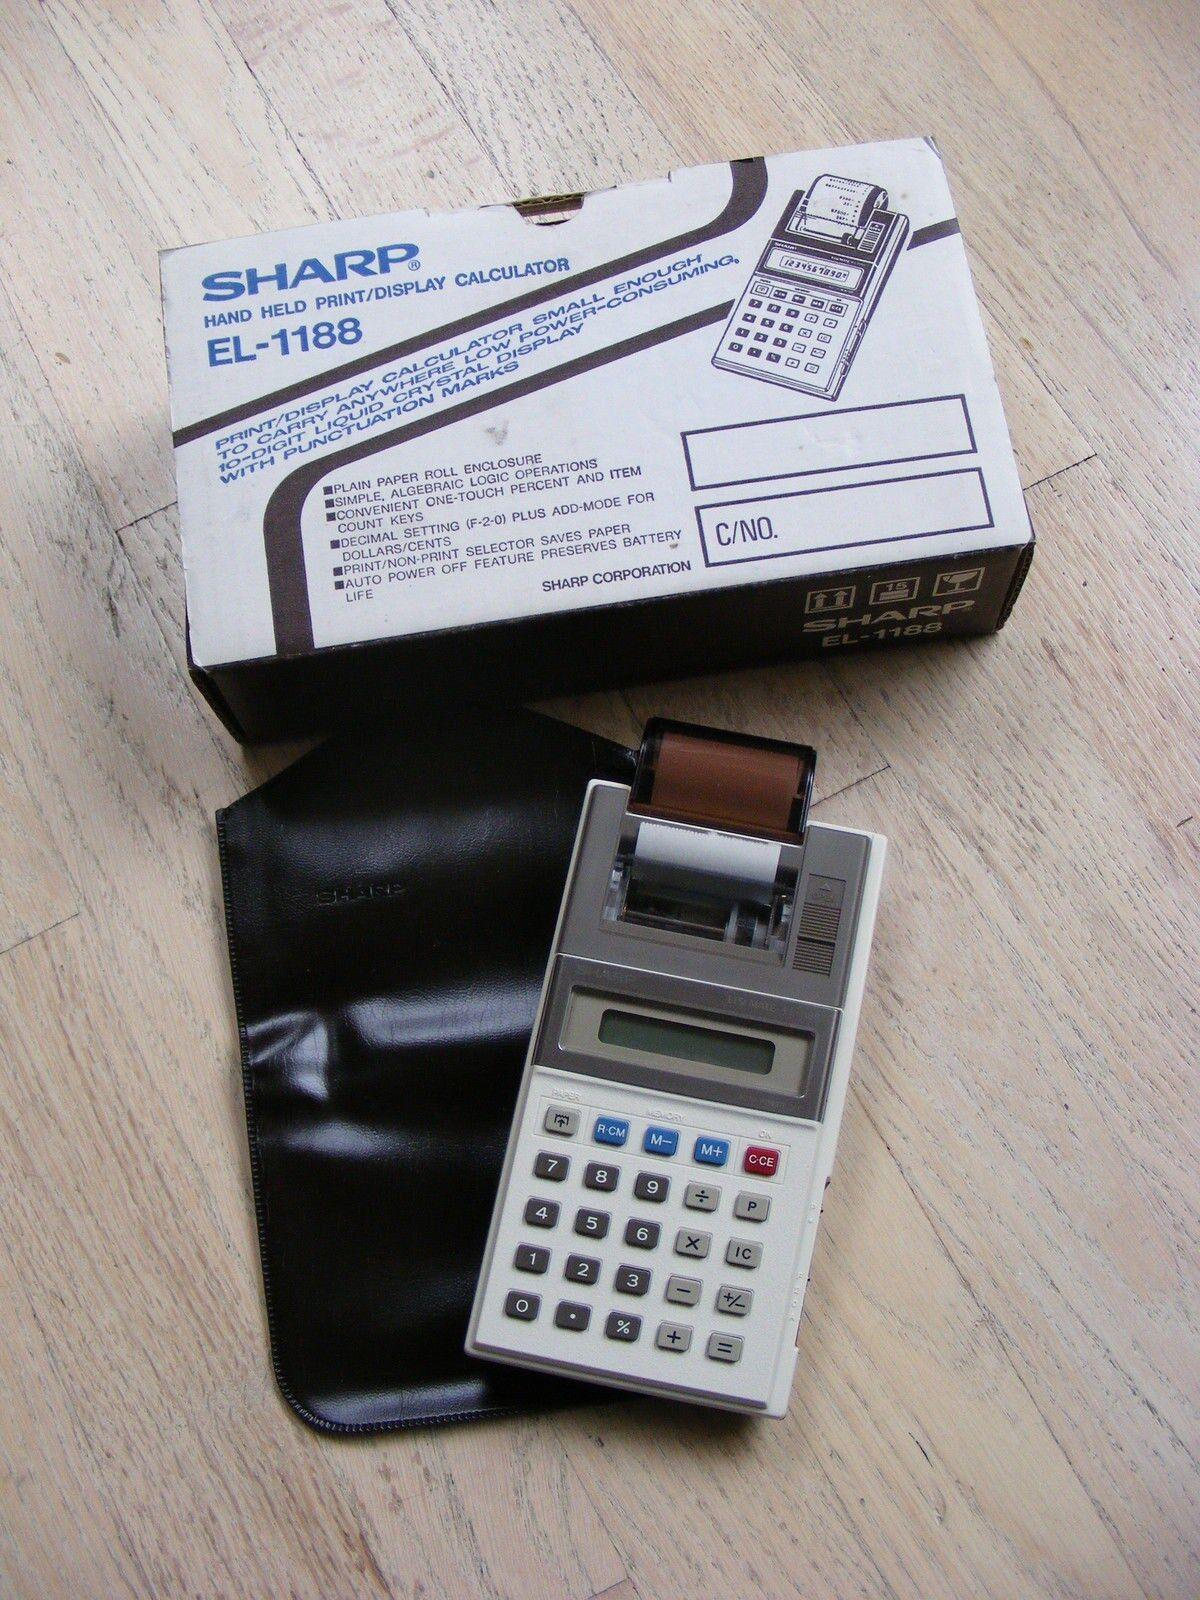 SHARP EL-1188 PRINT DISPLAY CALCULATOR